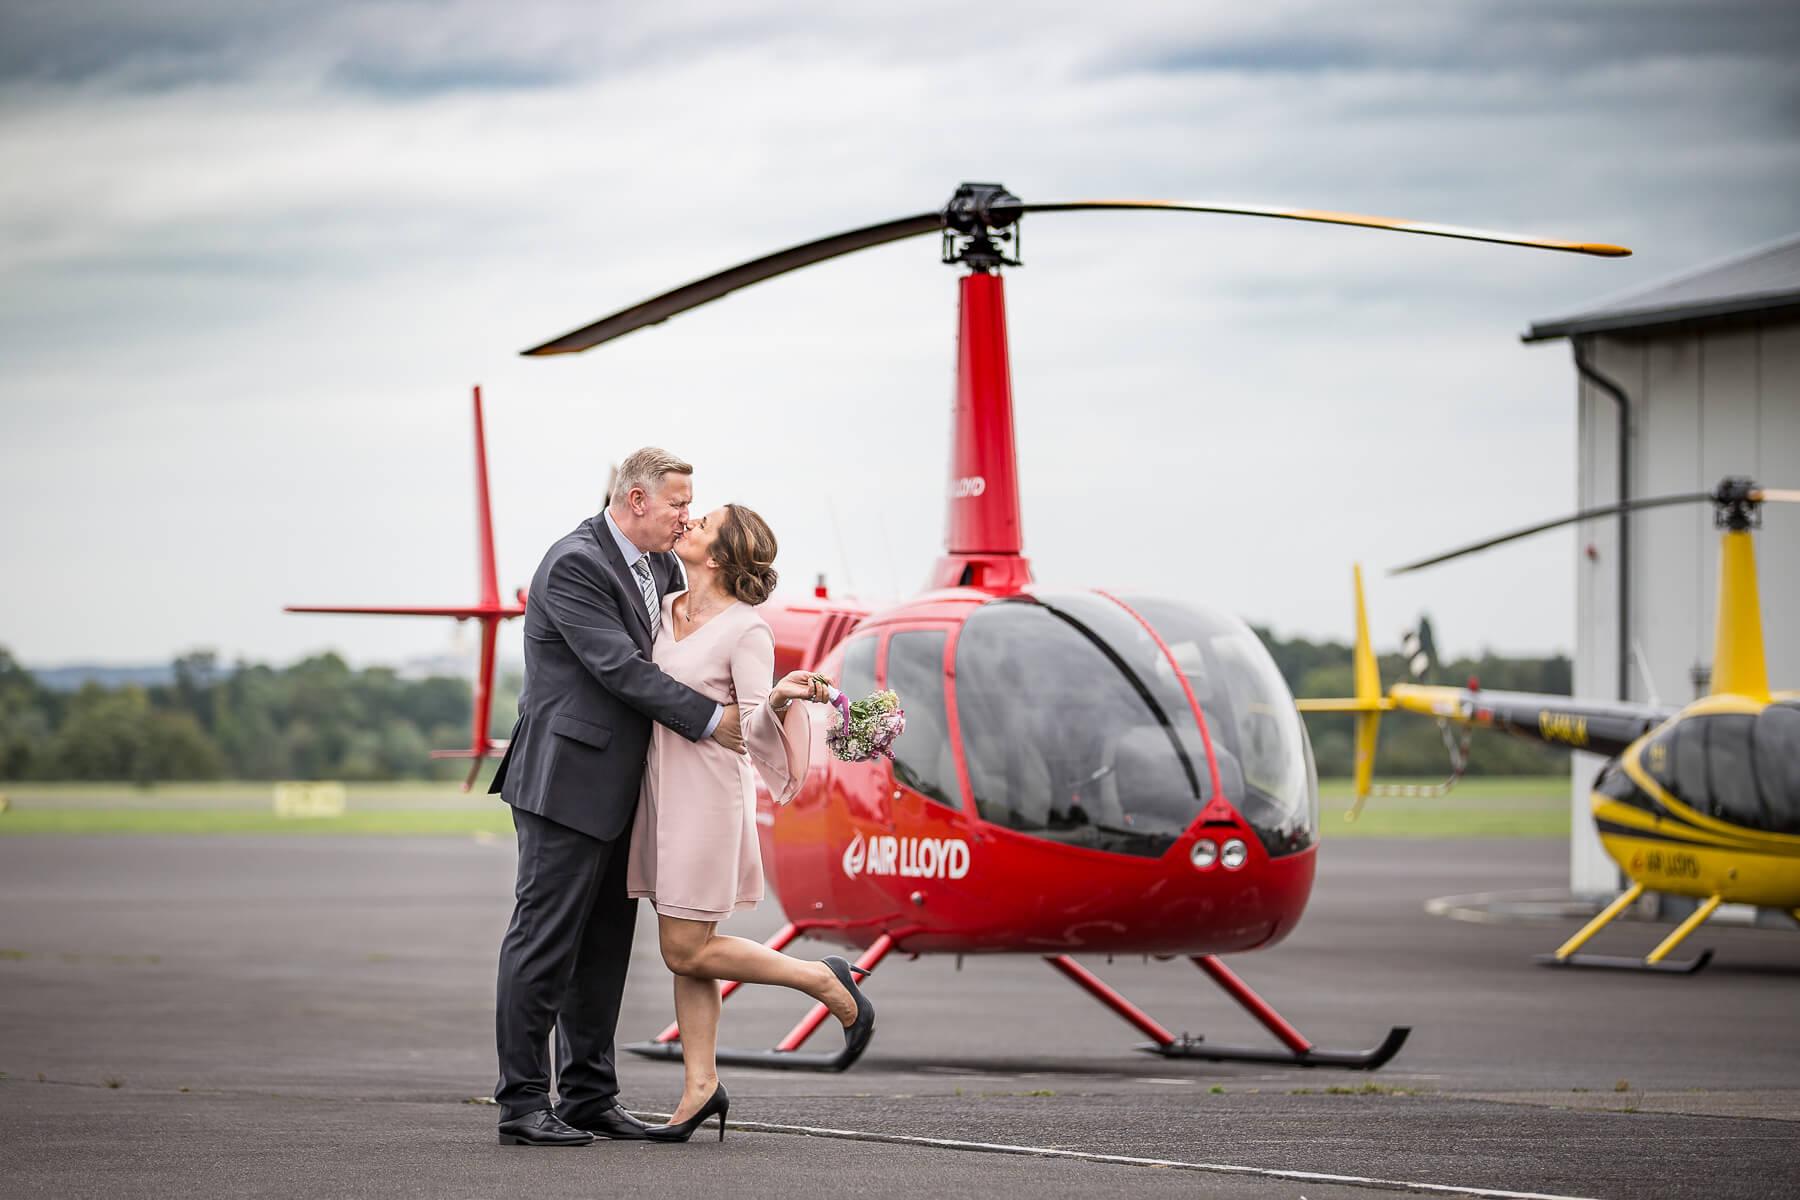 Hochzeitsreportage  Fotograf  Lufthochzeit im Hubschrauber  Hangelar 13